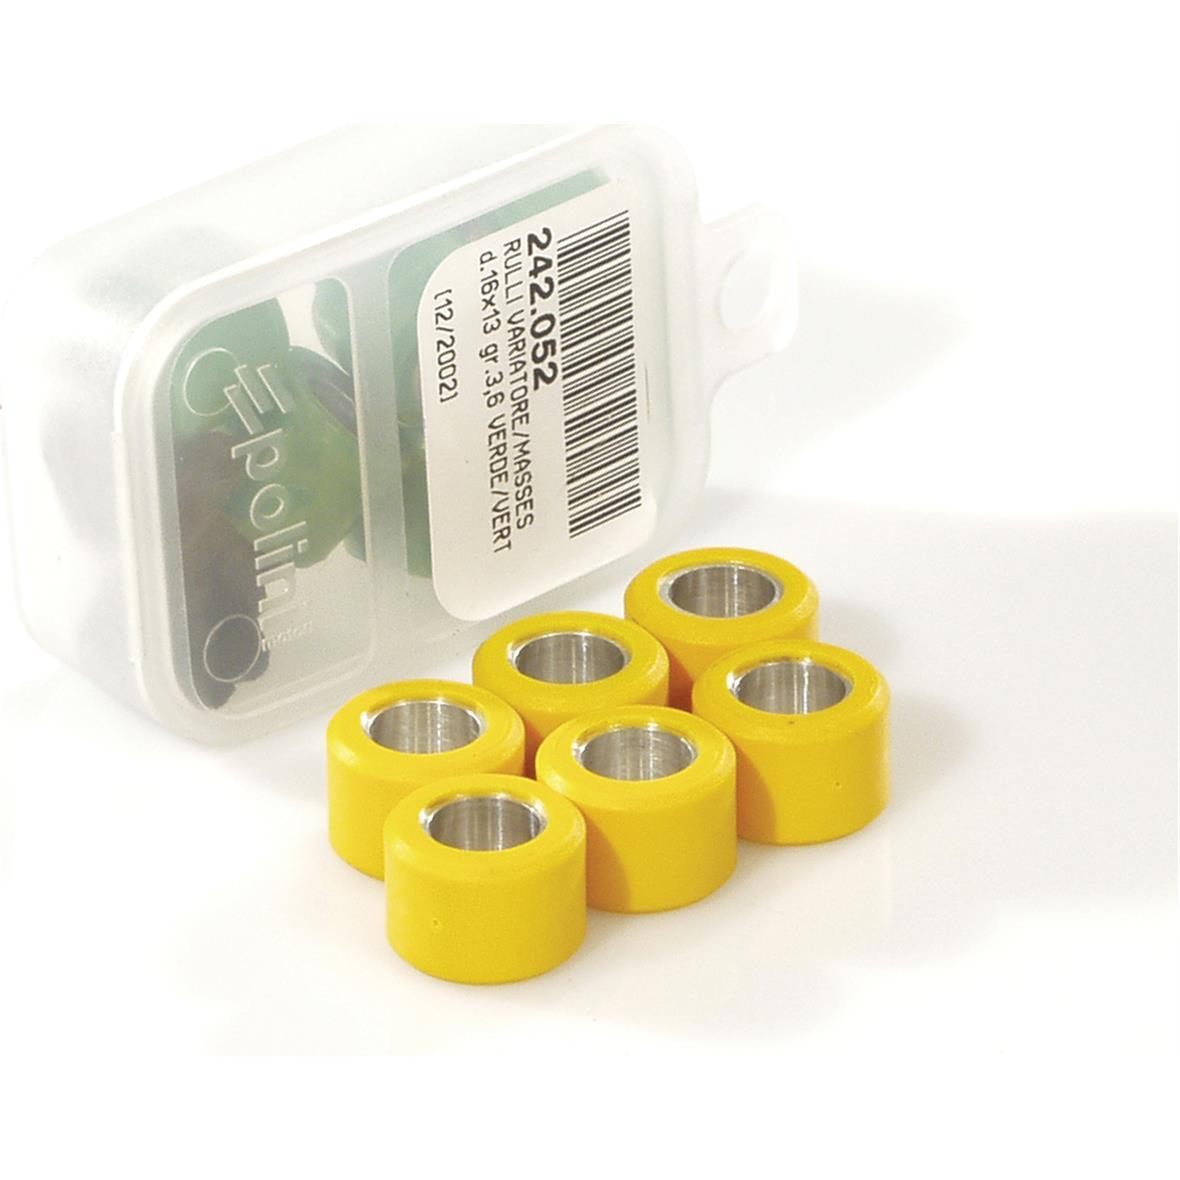 Obrázek výrobku pro 'Válečky variátoru POLINI 17x12 mm 6,9 gramTitle'